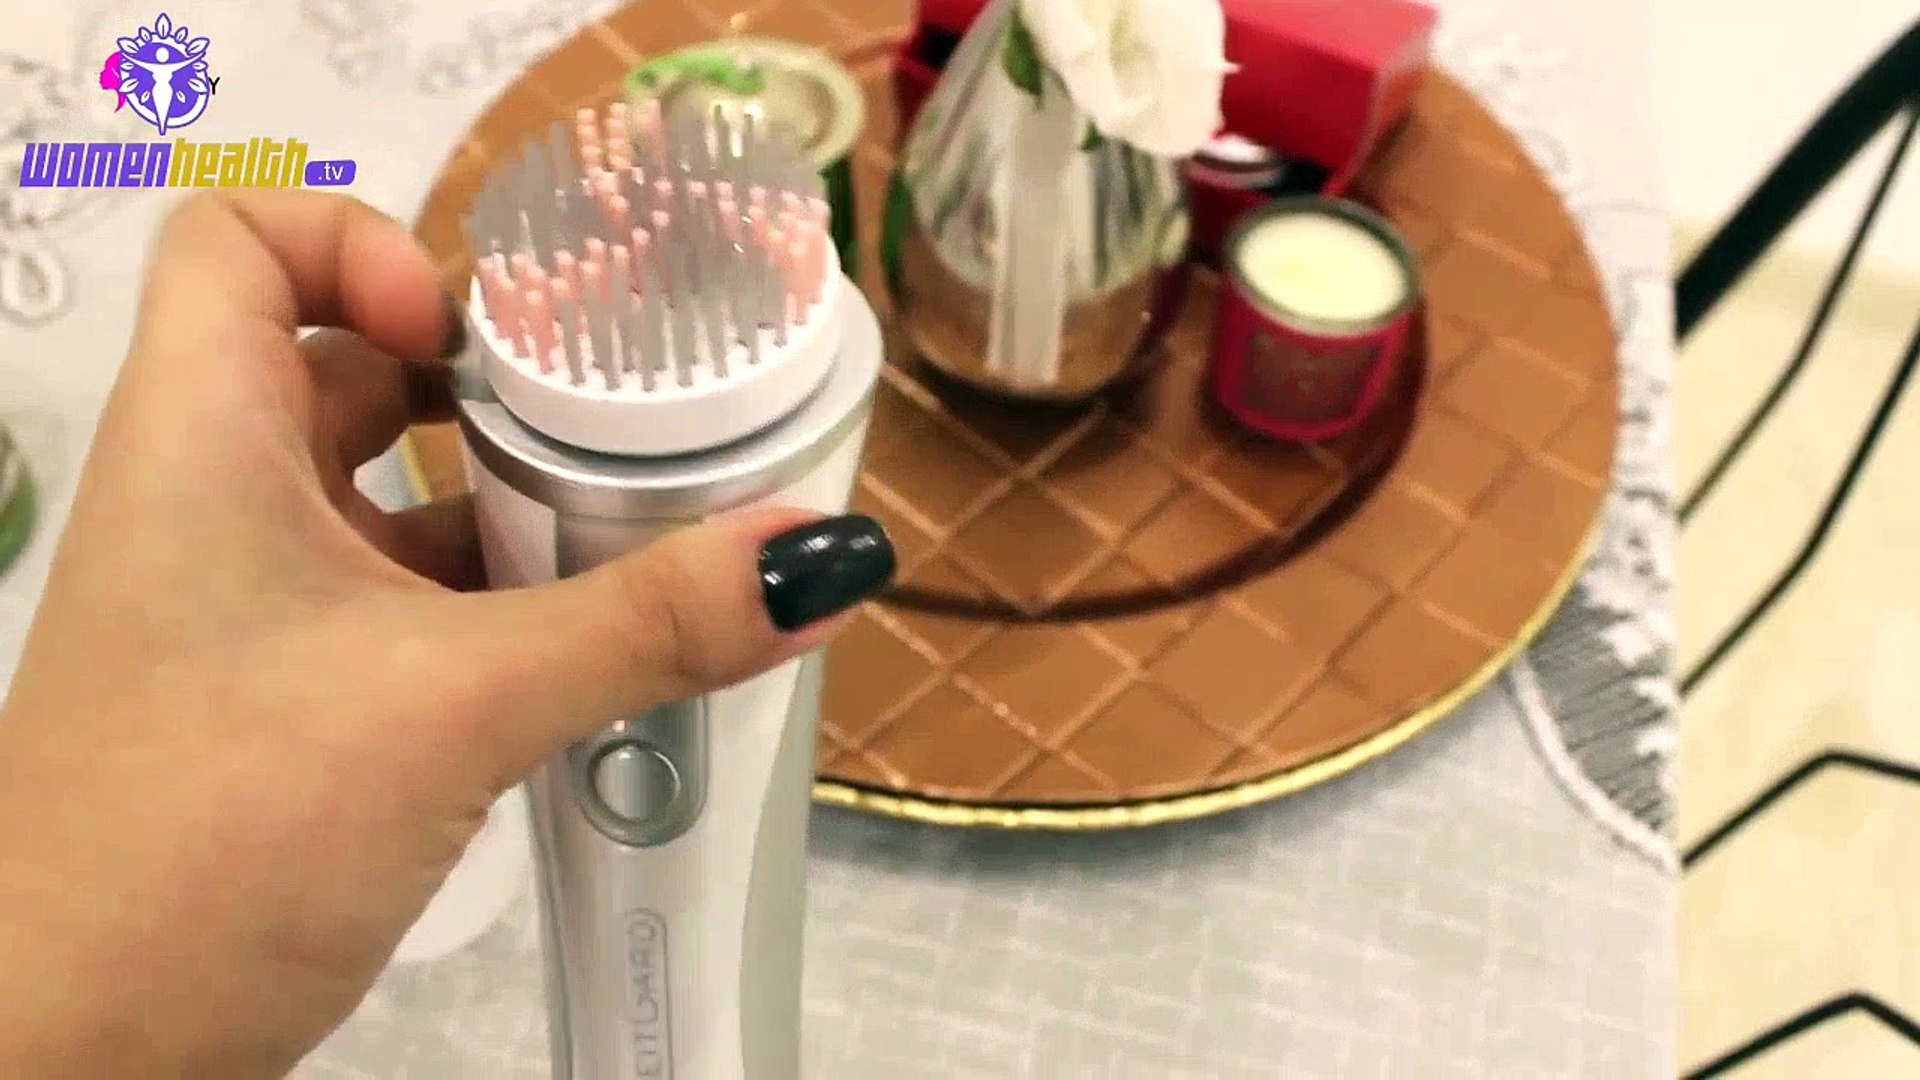 Skincare Routine---Routine soin de visage---روتين العناية بالبشرة